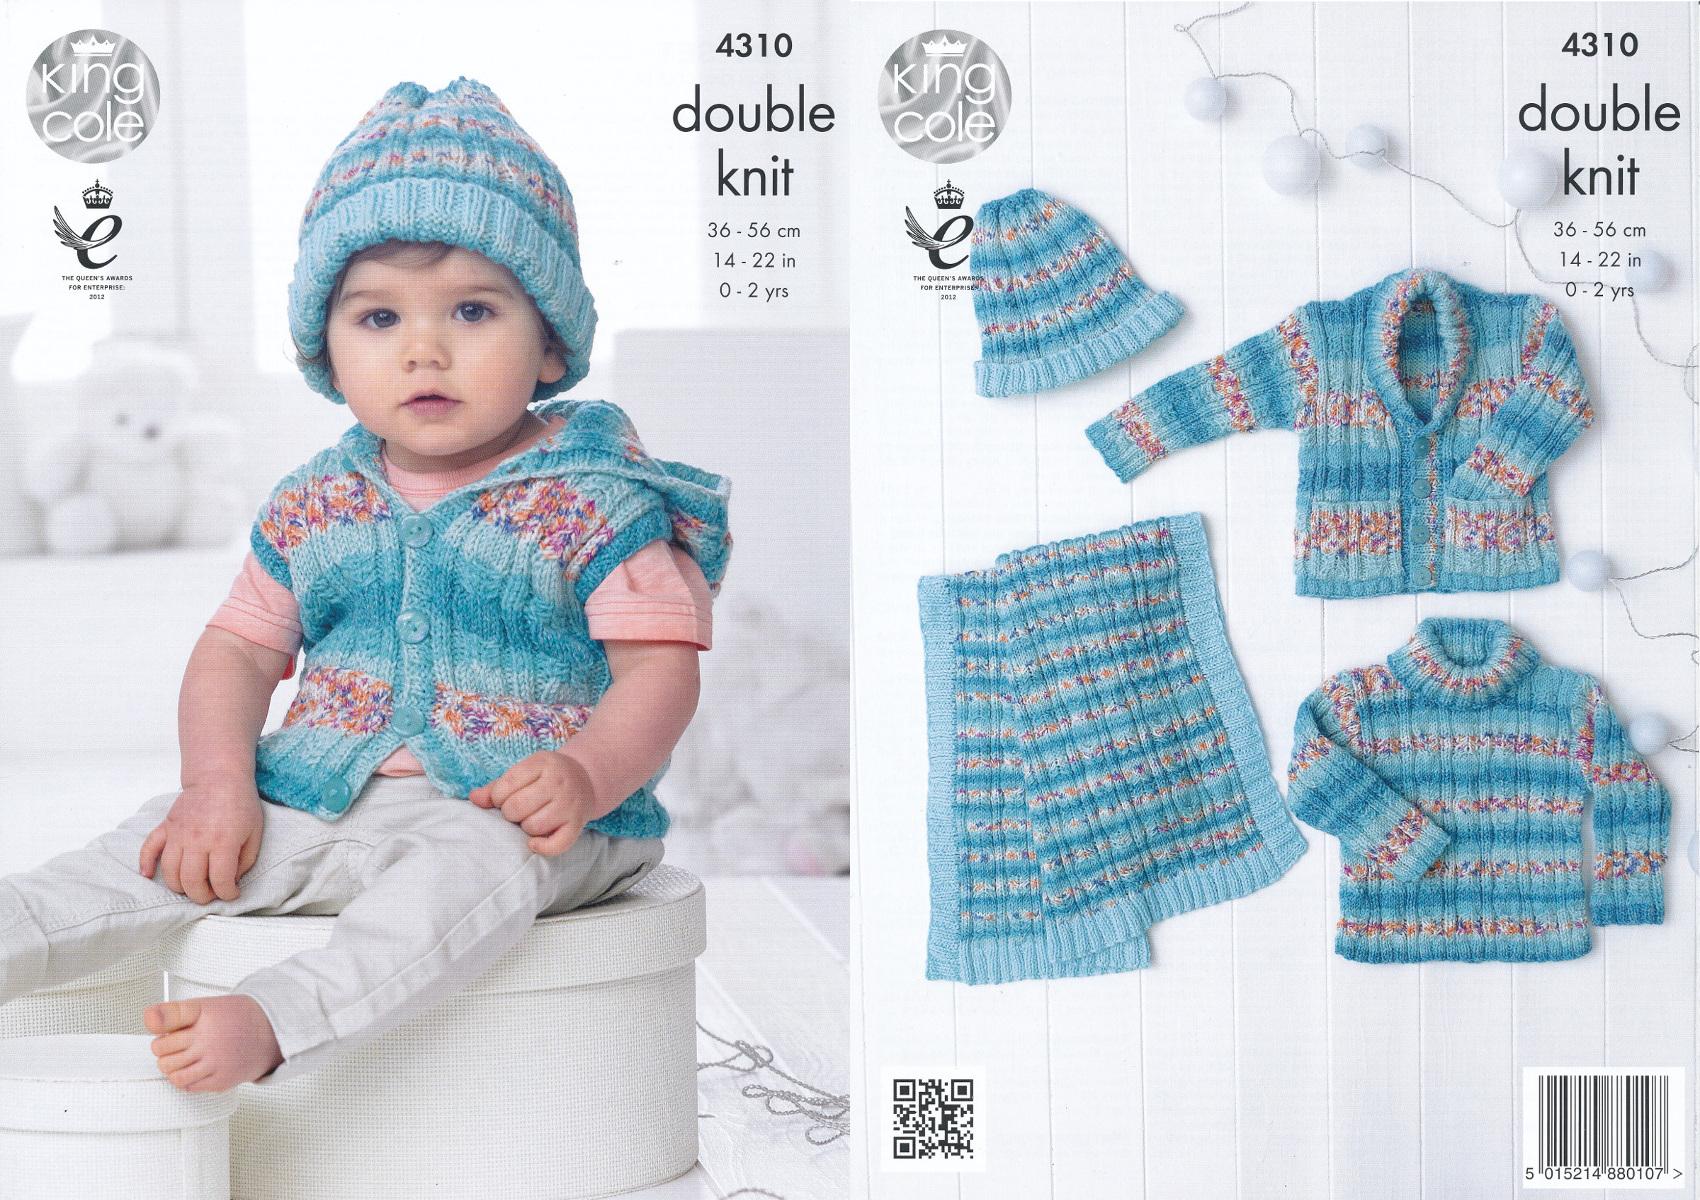 Baby Drifter DK Knitting Pattern King Cole Jumper Waistcoat Jacket Blanket 4310